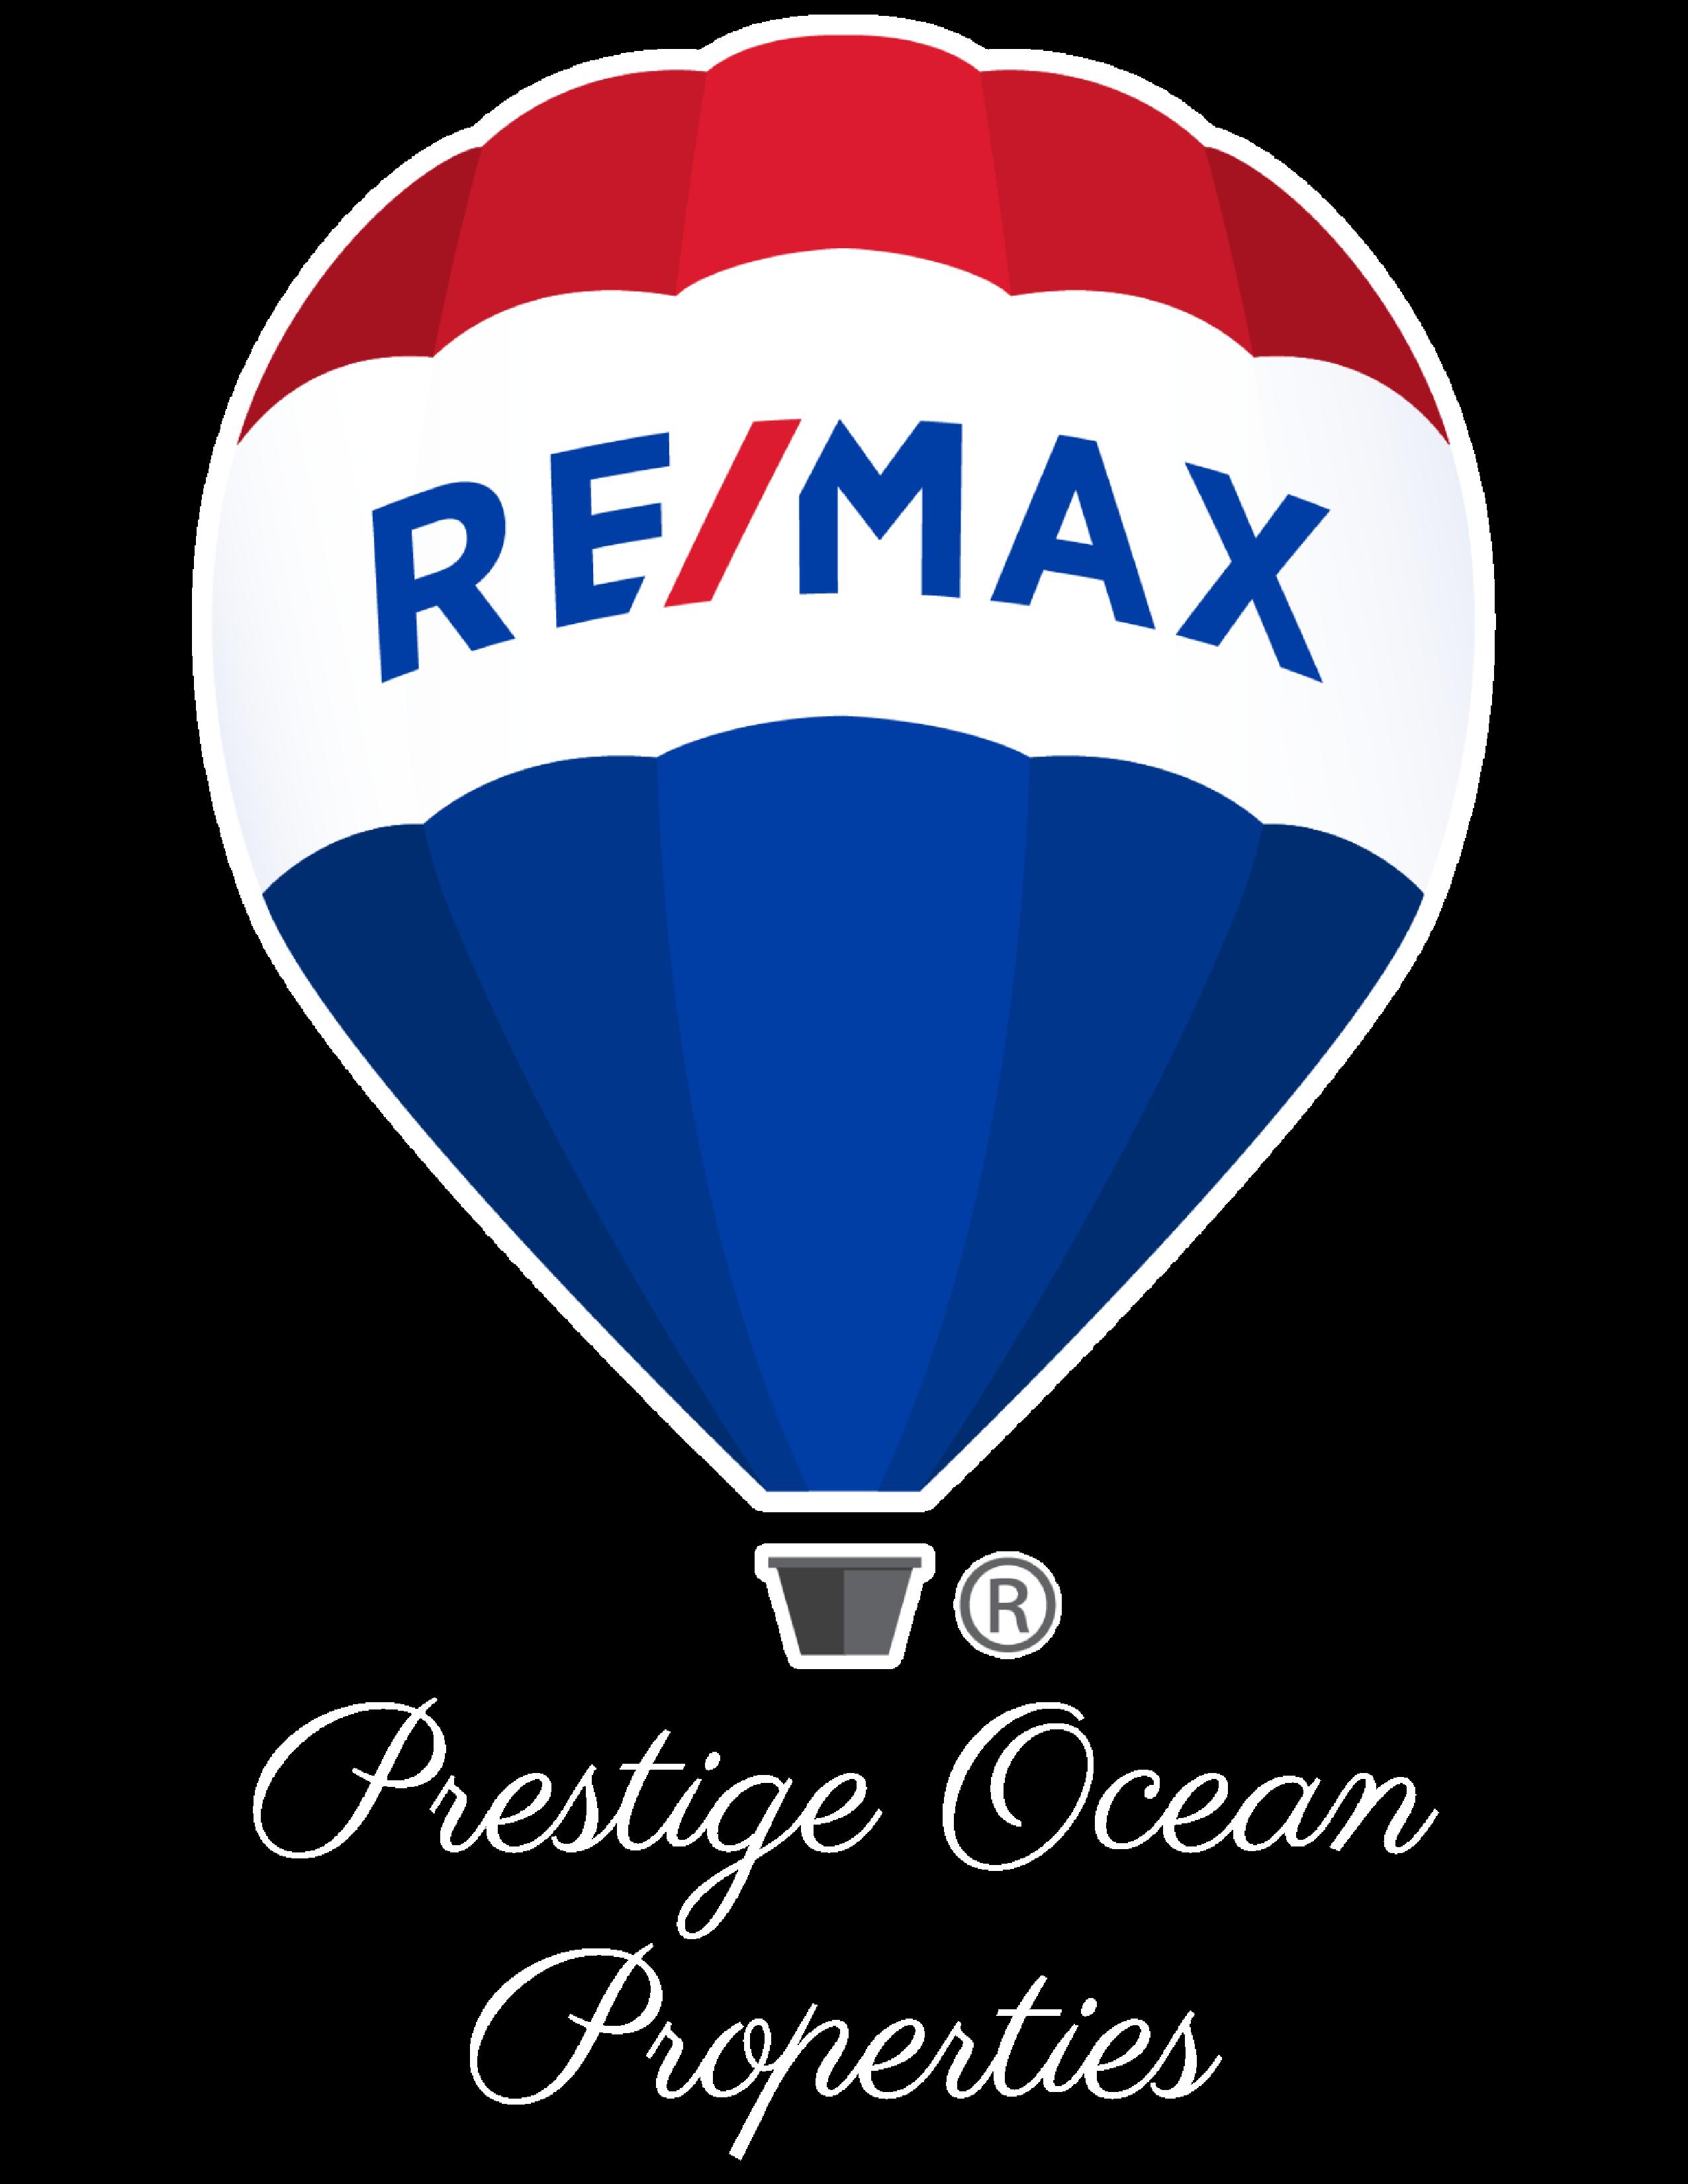 RE/MAX Prestige Ocean Properties